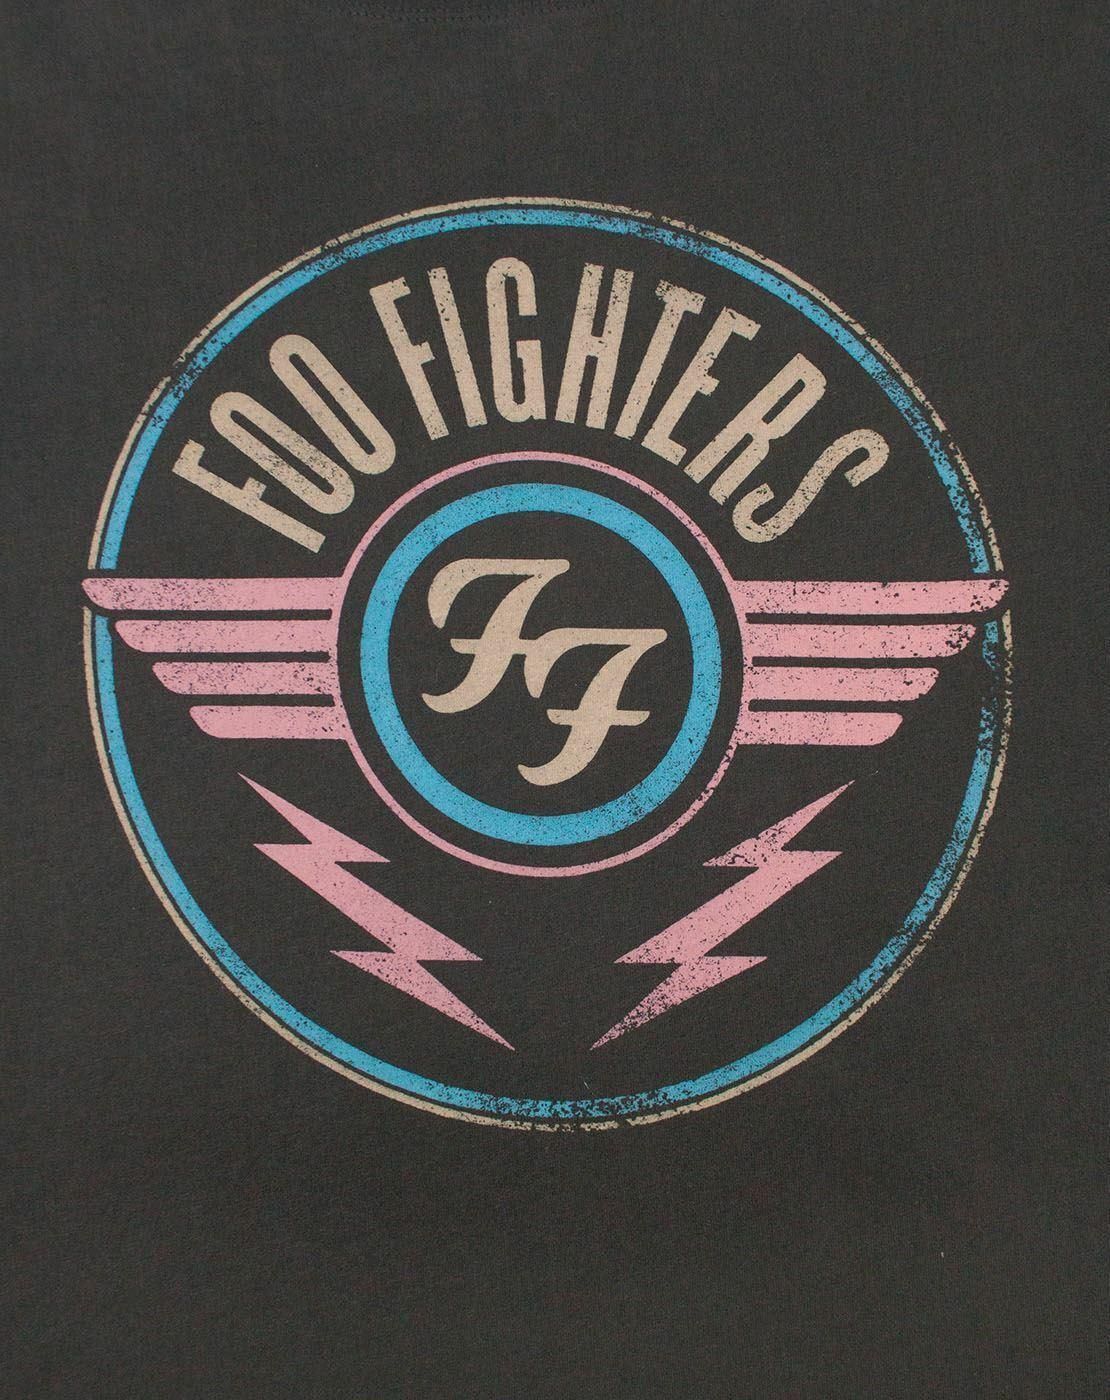 Amplificado-Foo-Fighters-FF-aire-para-hombre-Camiseta miniatura 6